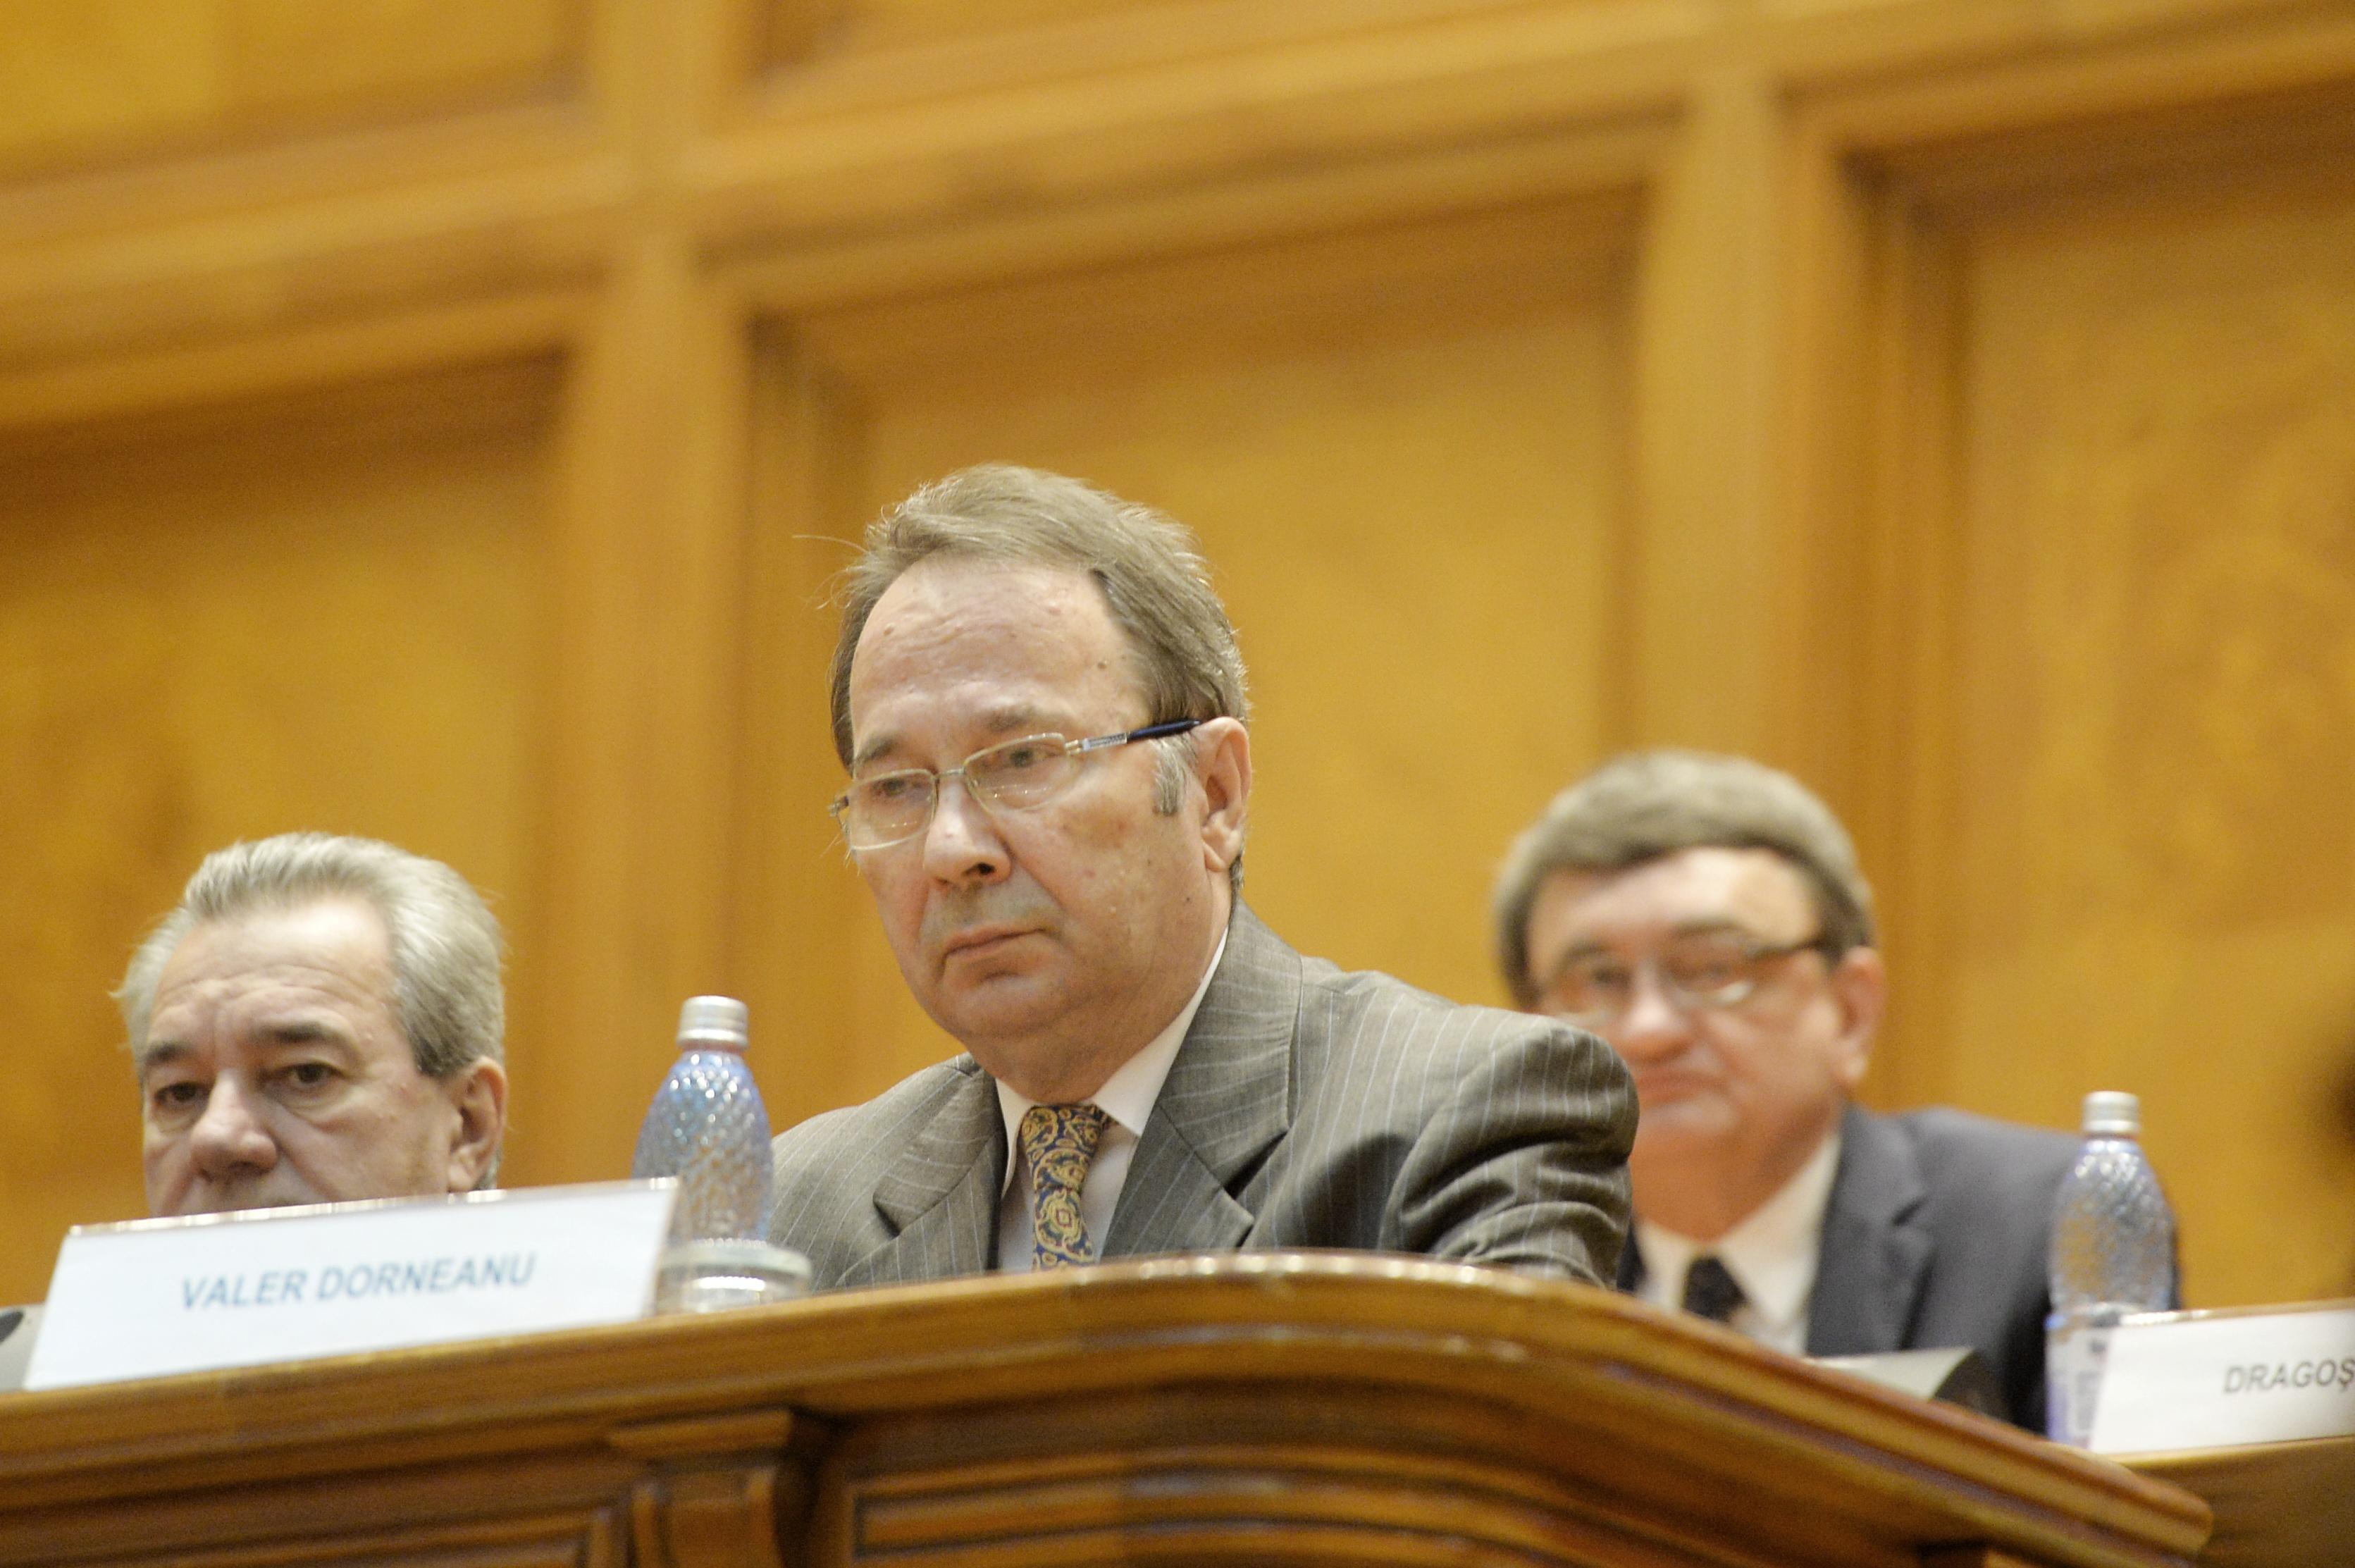 Inspecţia Judiciară, despre un judecător care a criticat o decizie CCR: A făcut afirmaţii acuzatoare, ofensatoare şi defăimătoare la adresa instituţiei